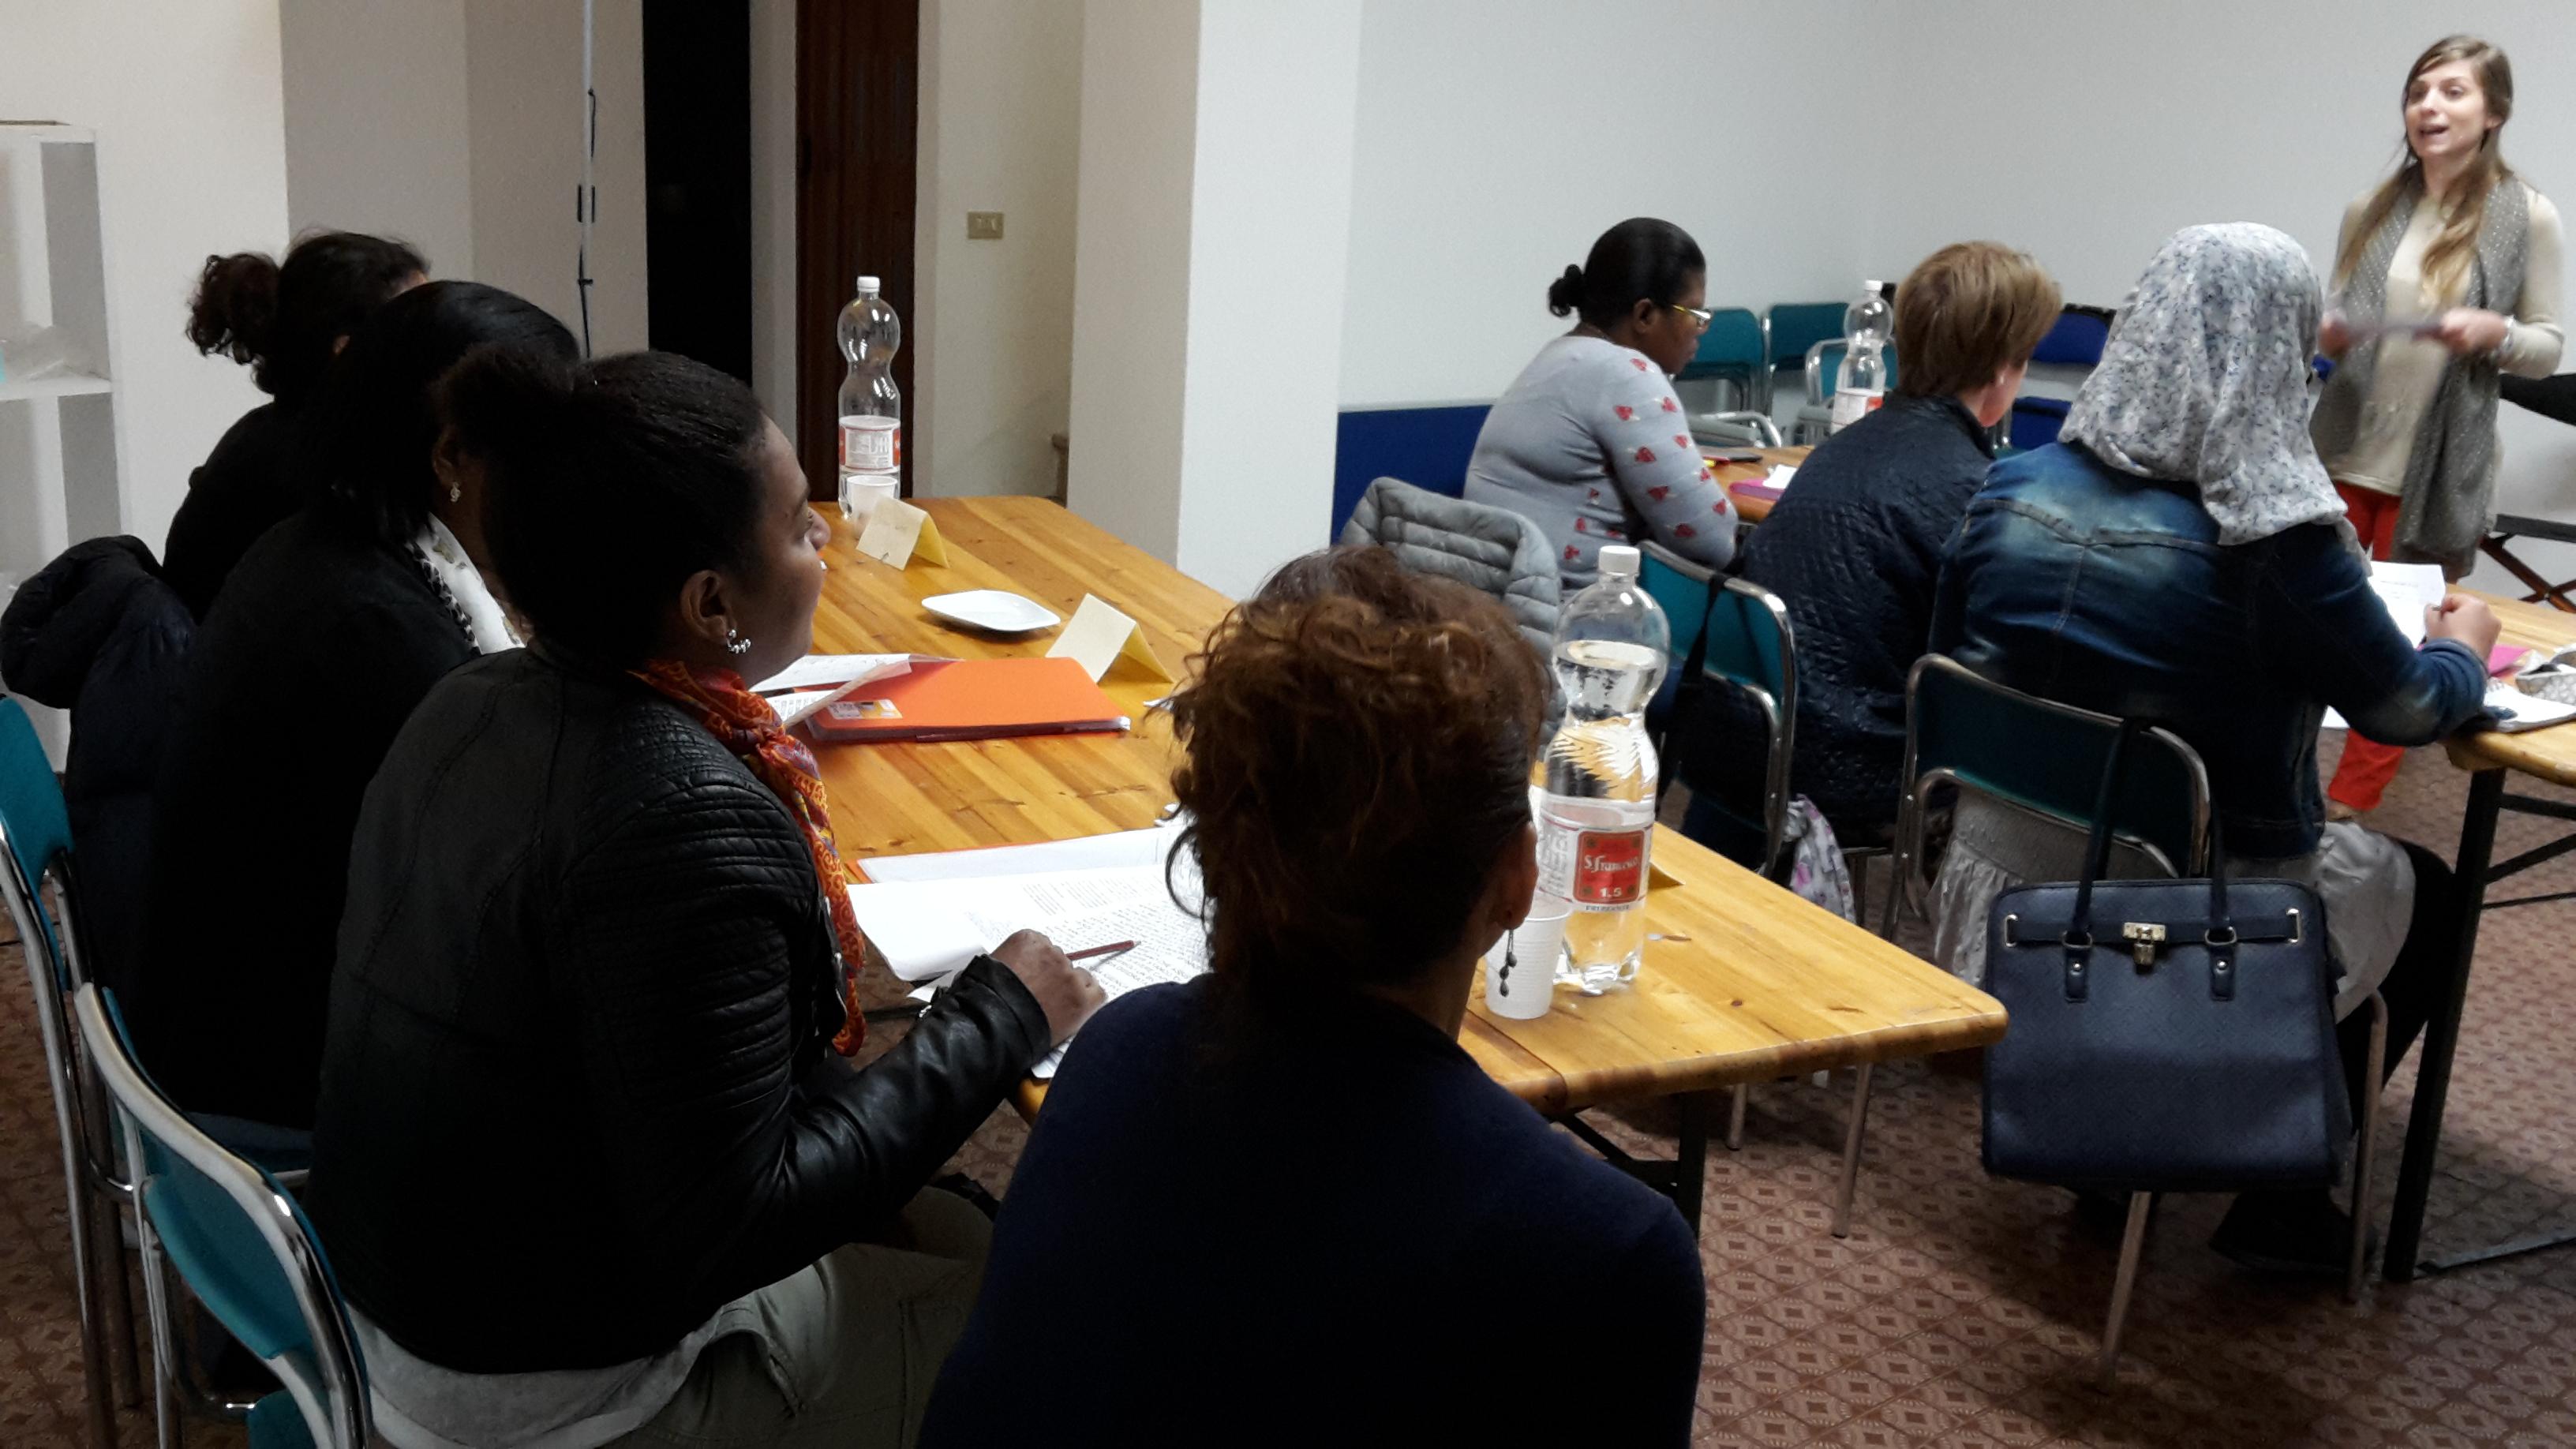 Professionisti che impartiscono nozioni infermieristiche e di approccio e gestione dell'anziano (malato)